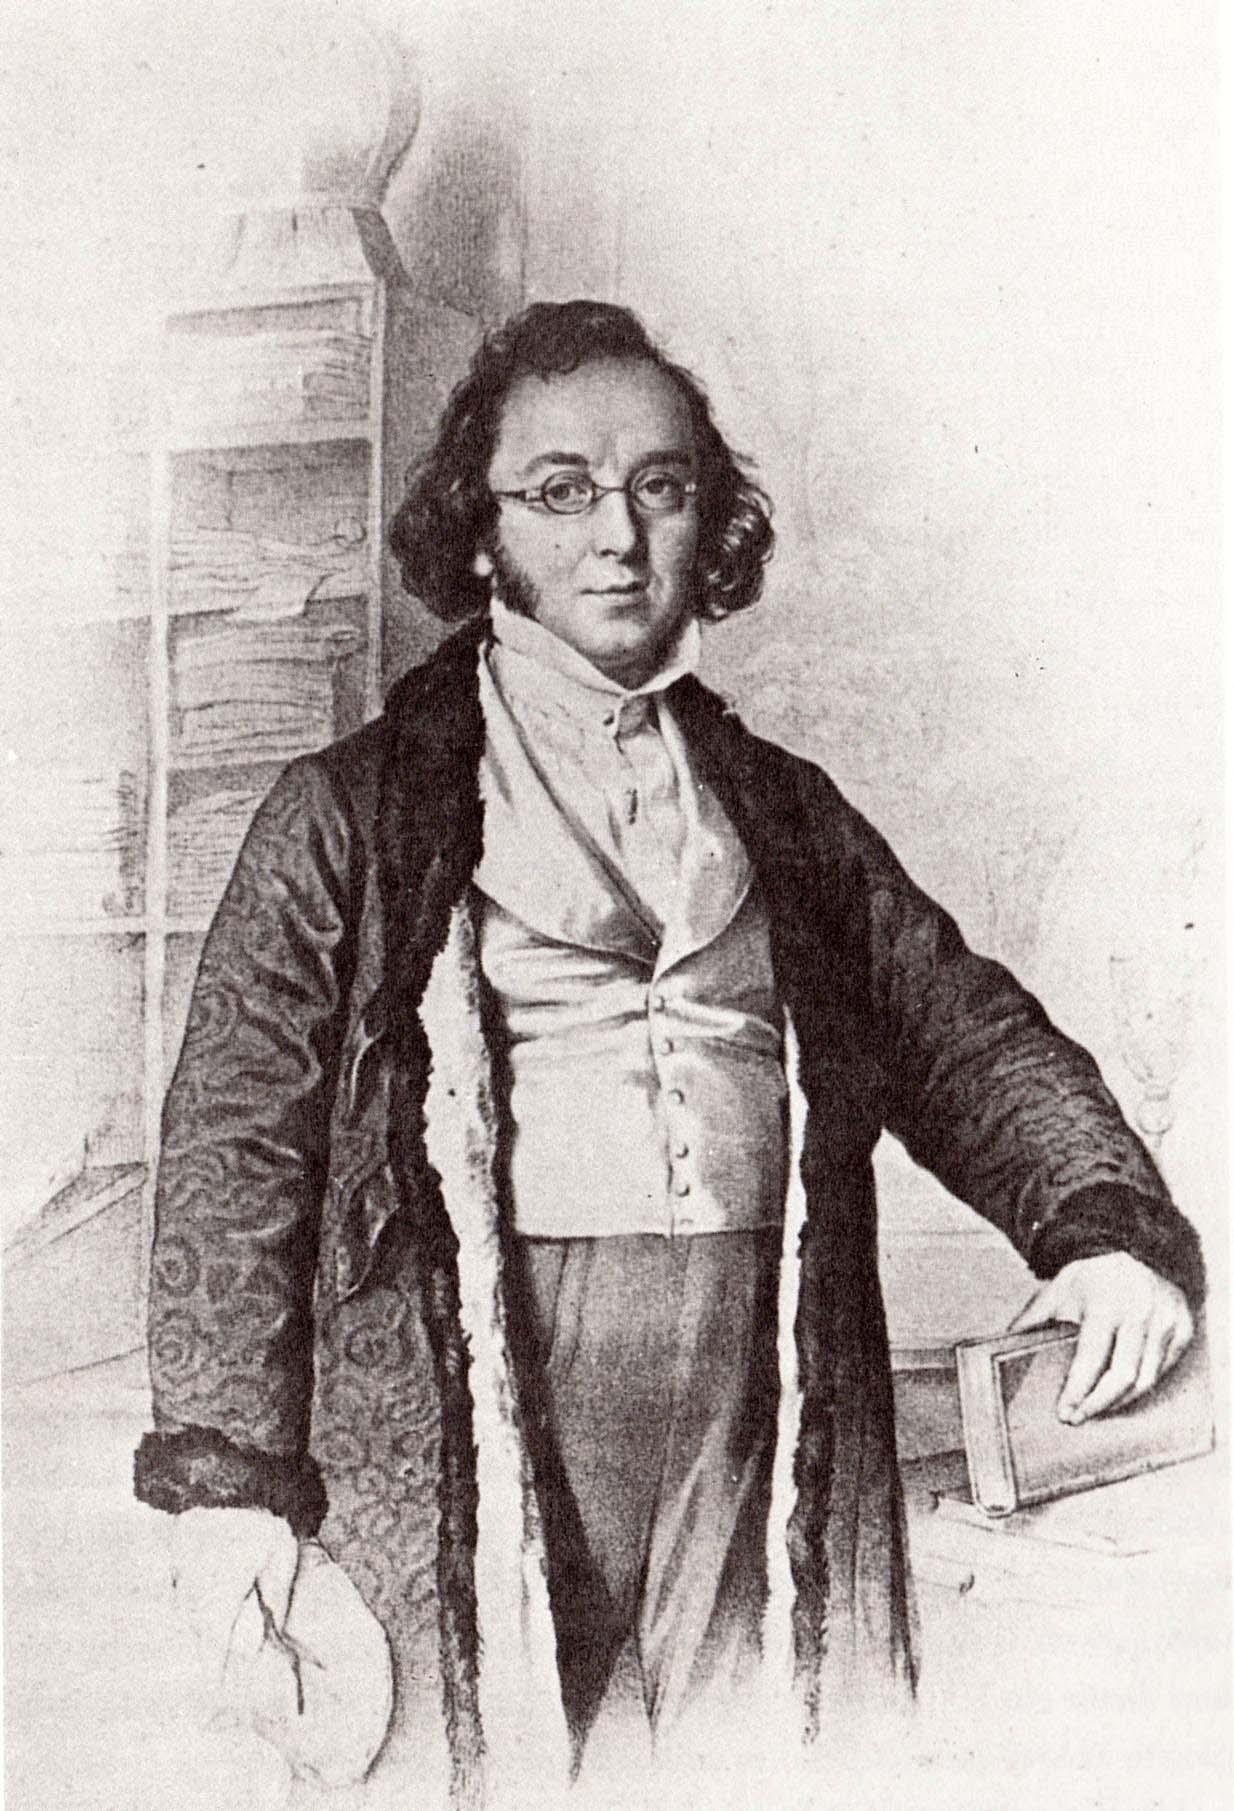 Ferdinand Diez, Ludwig Bechstein, 1843, aus Klaus Günzel, Die deutschen Romantiker. Artemis, Zürich 1995